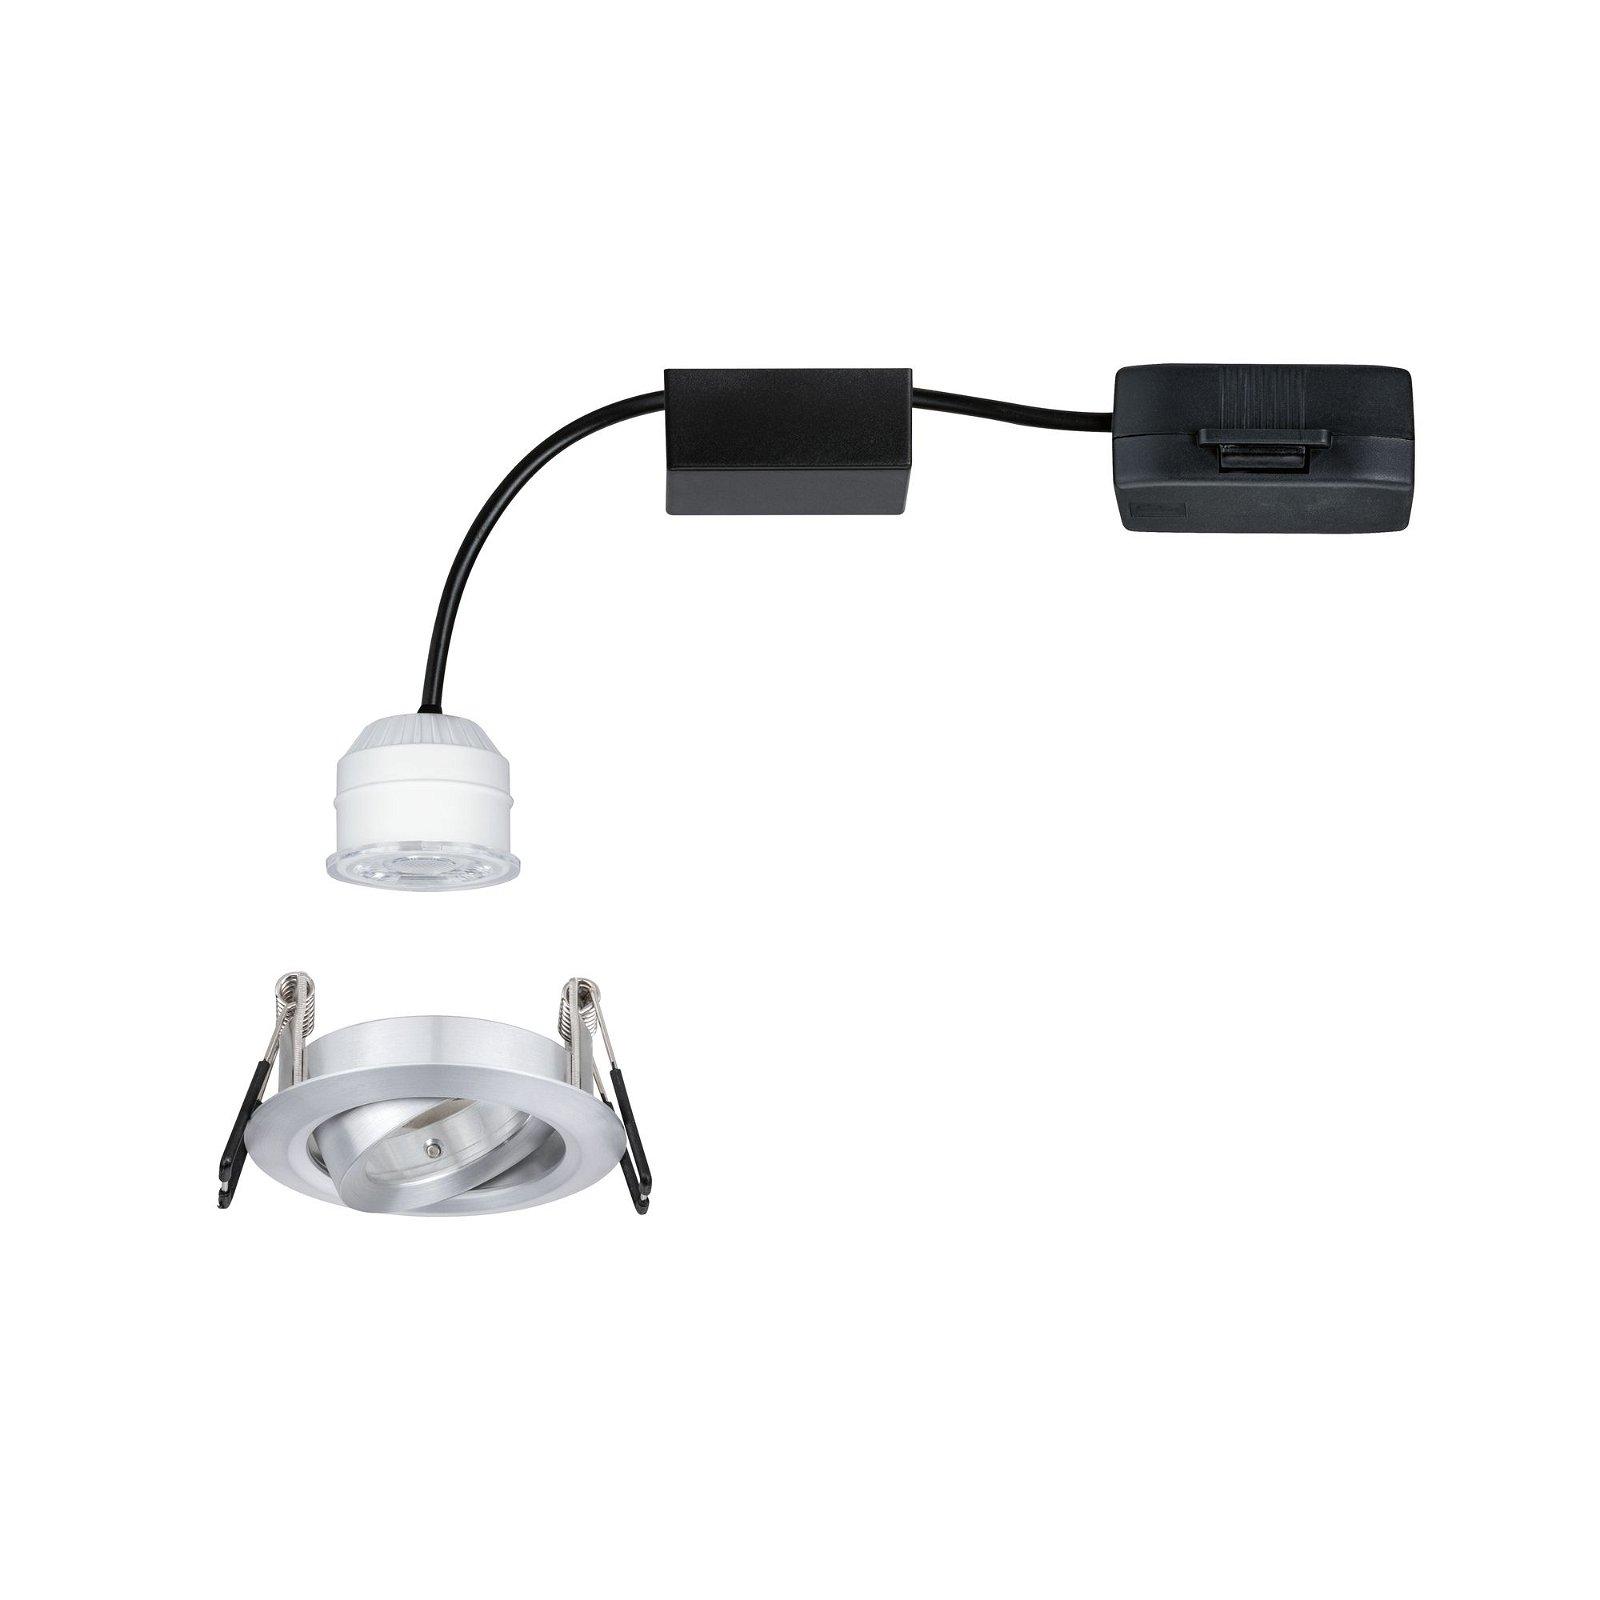 LED Einbauleuchte Easy Dim Nova Mini Plus Coin Einzelleuchte schwenkbar rund 66mm 15° Coin 4,2W 300lm 230V 2700K Alu